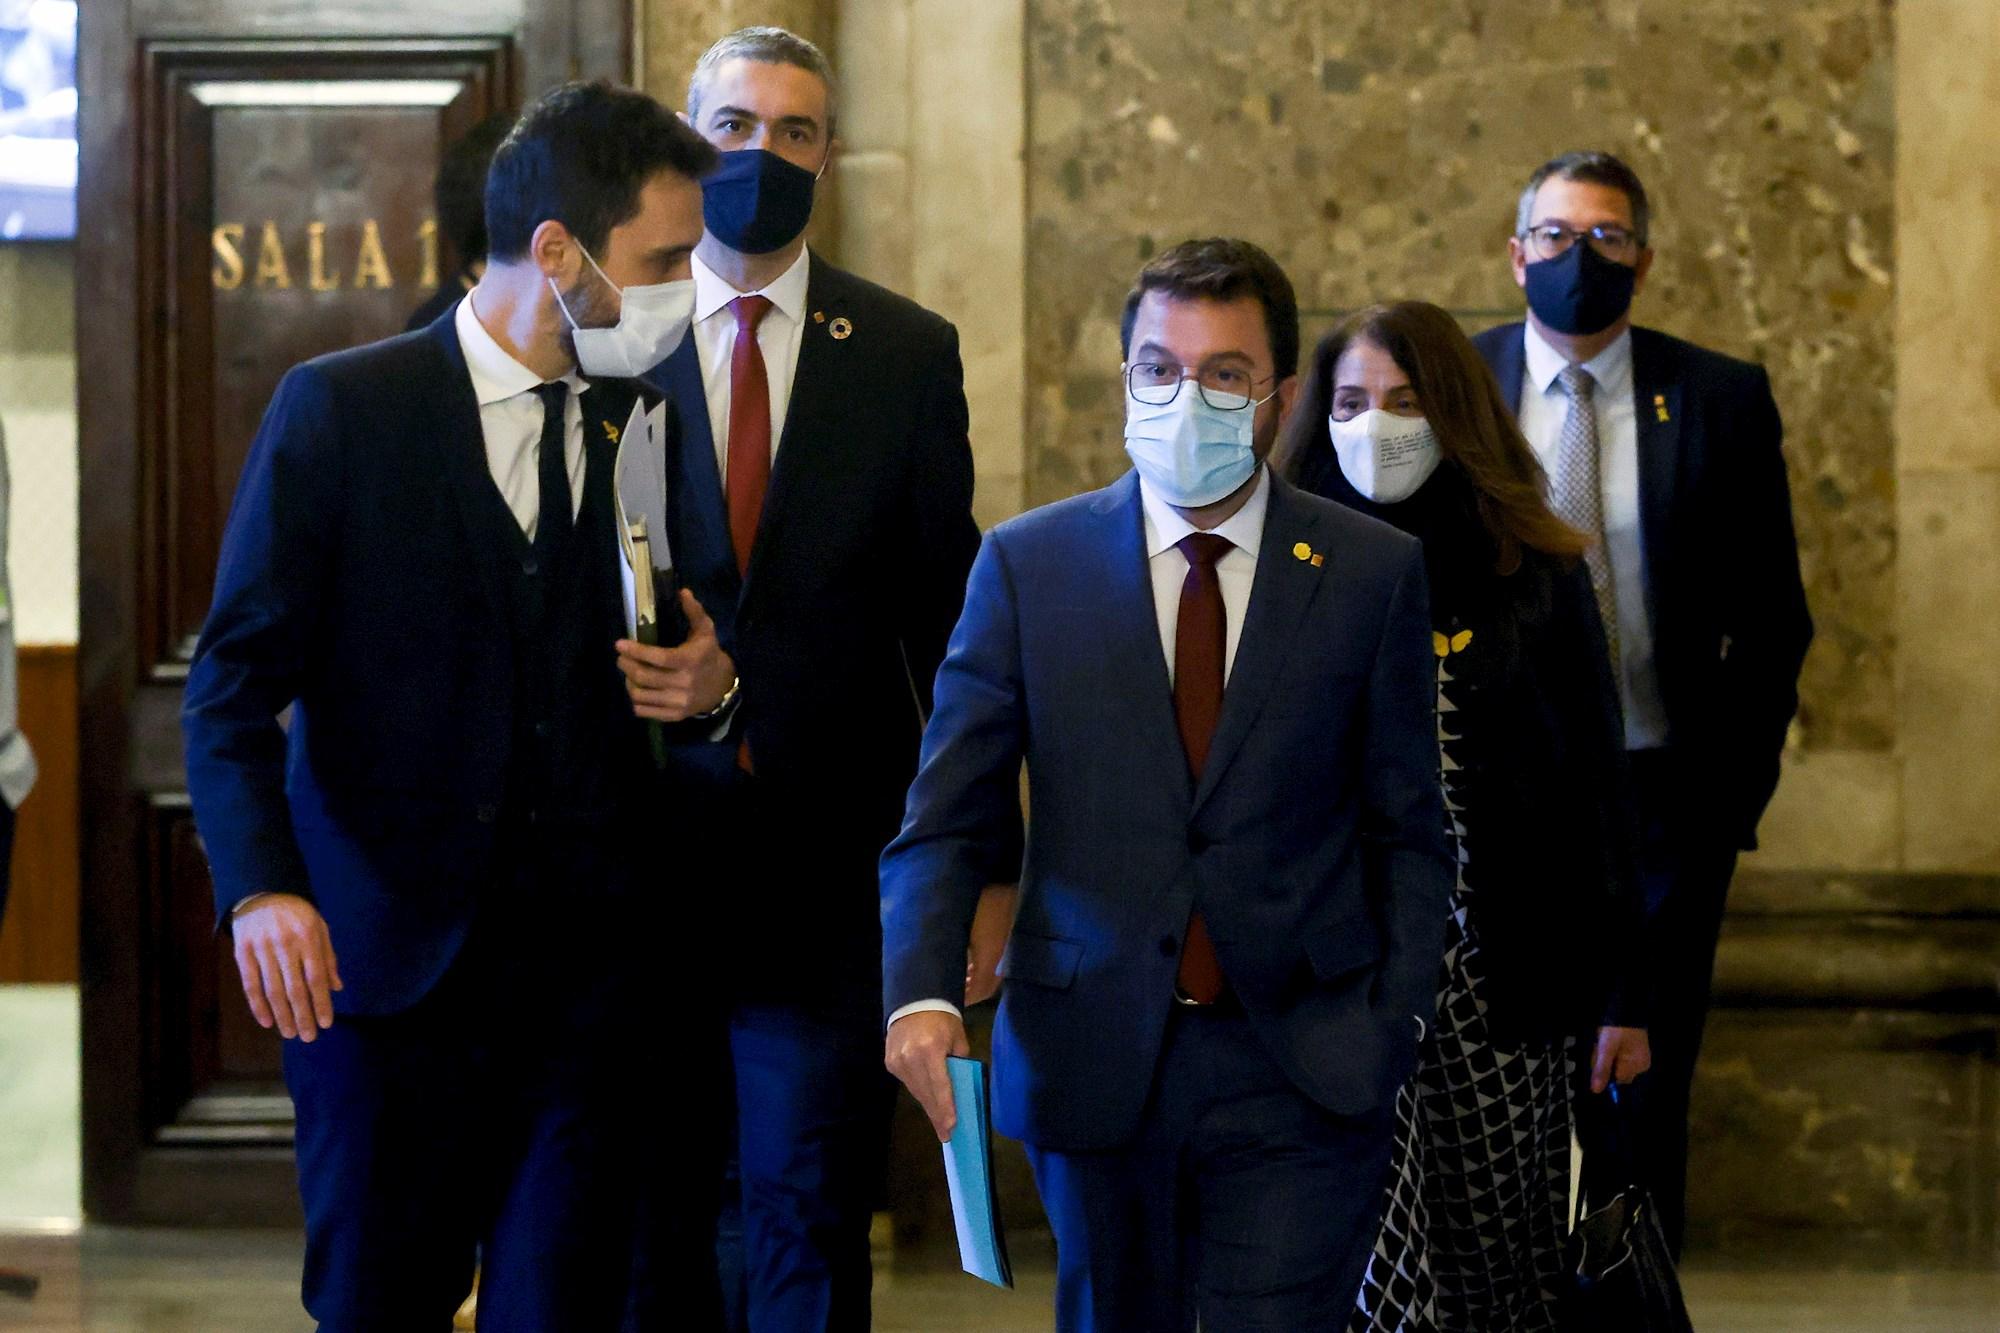 El presidente del Parlament, Roger Torrent; el consejero de Exteriores, Bernat Solé; el vicepresidente de la Generalitat, Pere Aragonès; la portavoz Meritxell Budó; y el consejero de Interior, Miquel Sàmper, antes de la mesa de partidos para debatir sobre el aplazamiento de las elecciones catalanas, el 15 de enero de 2021 | EFE/QG